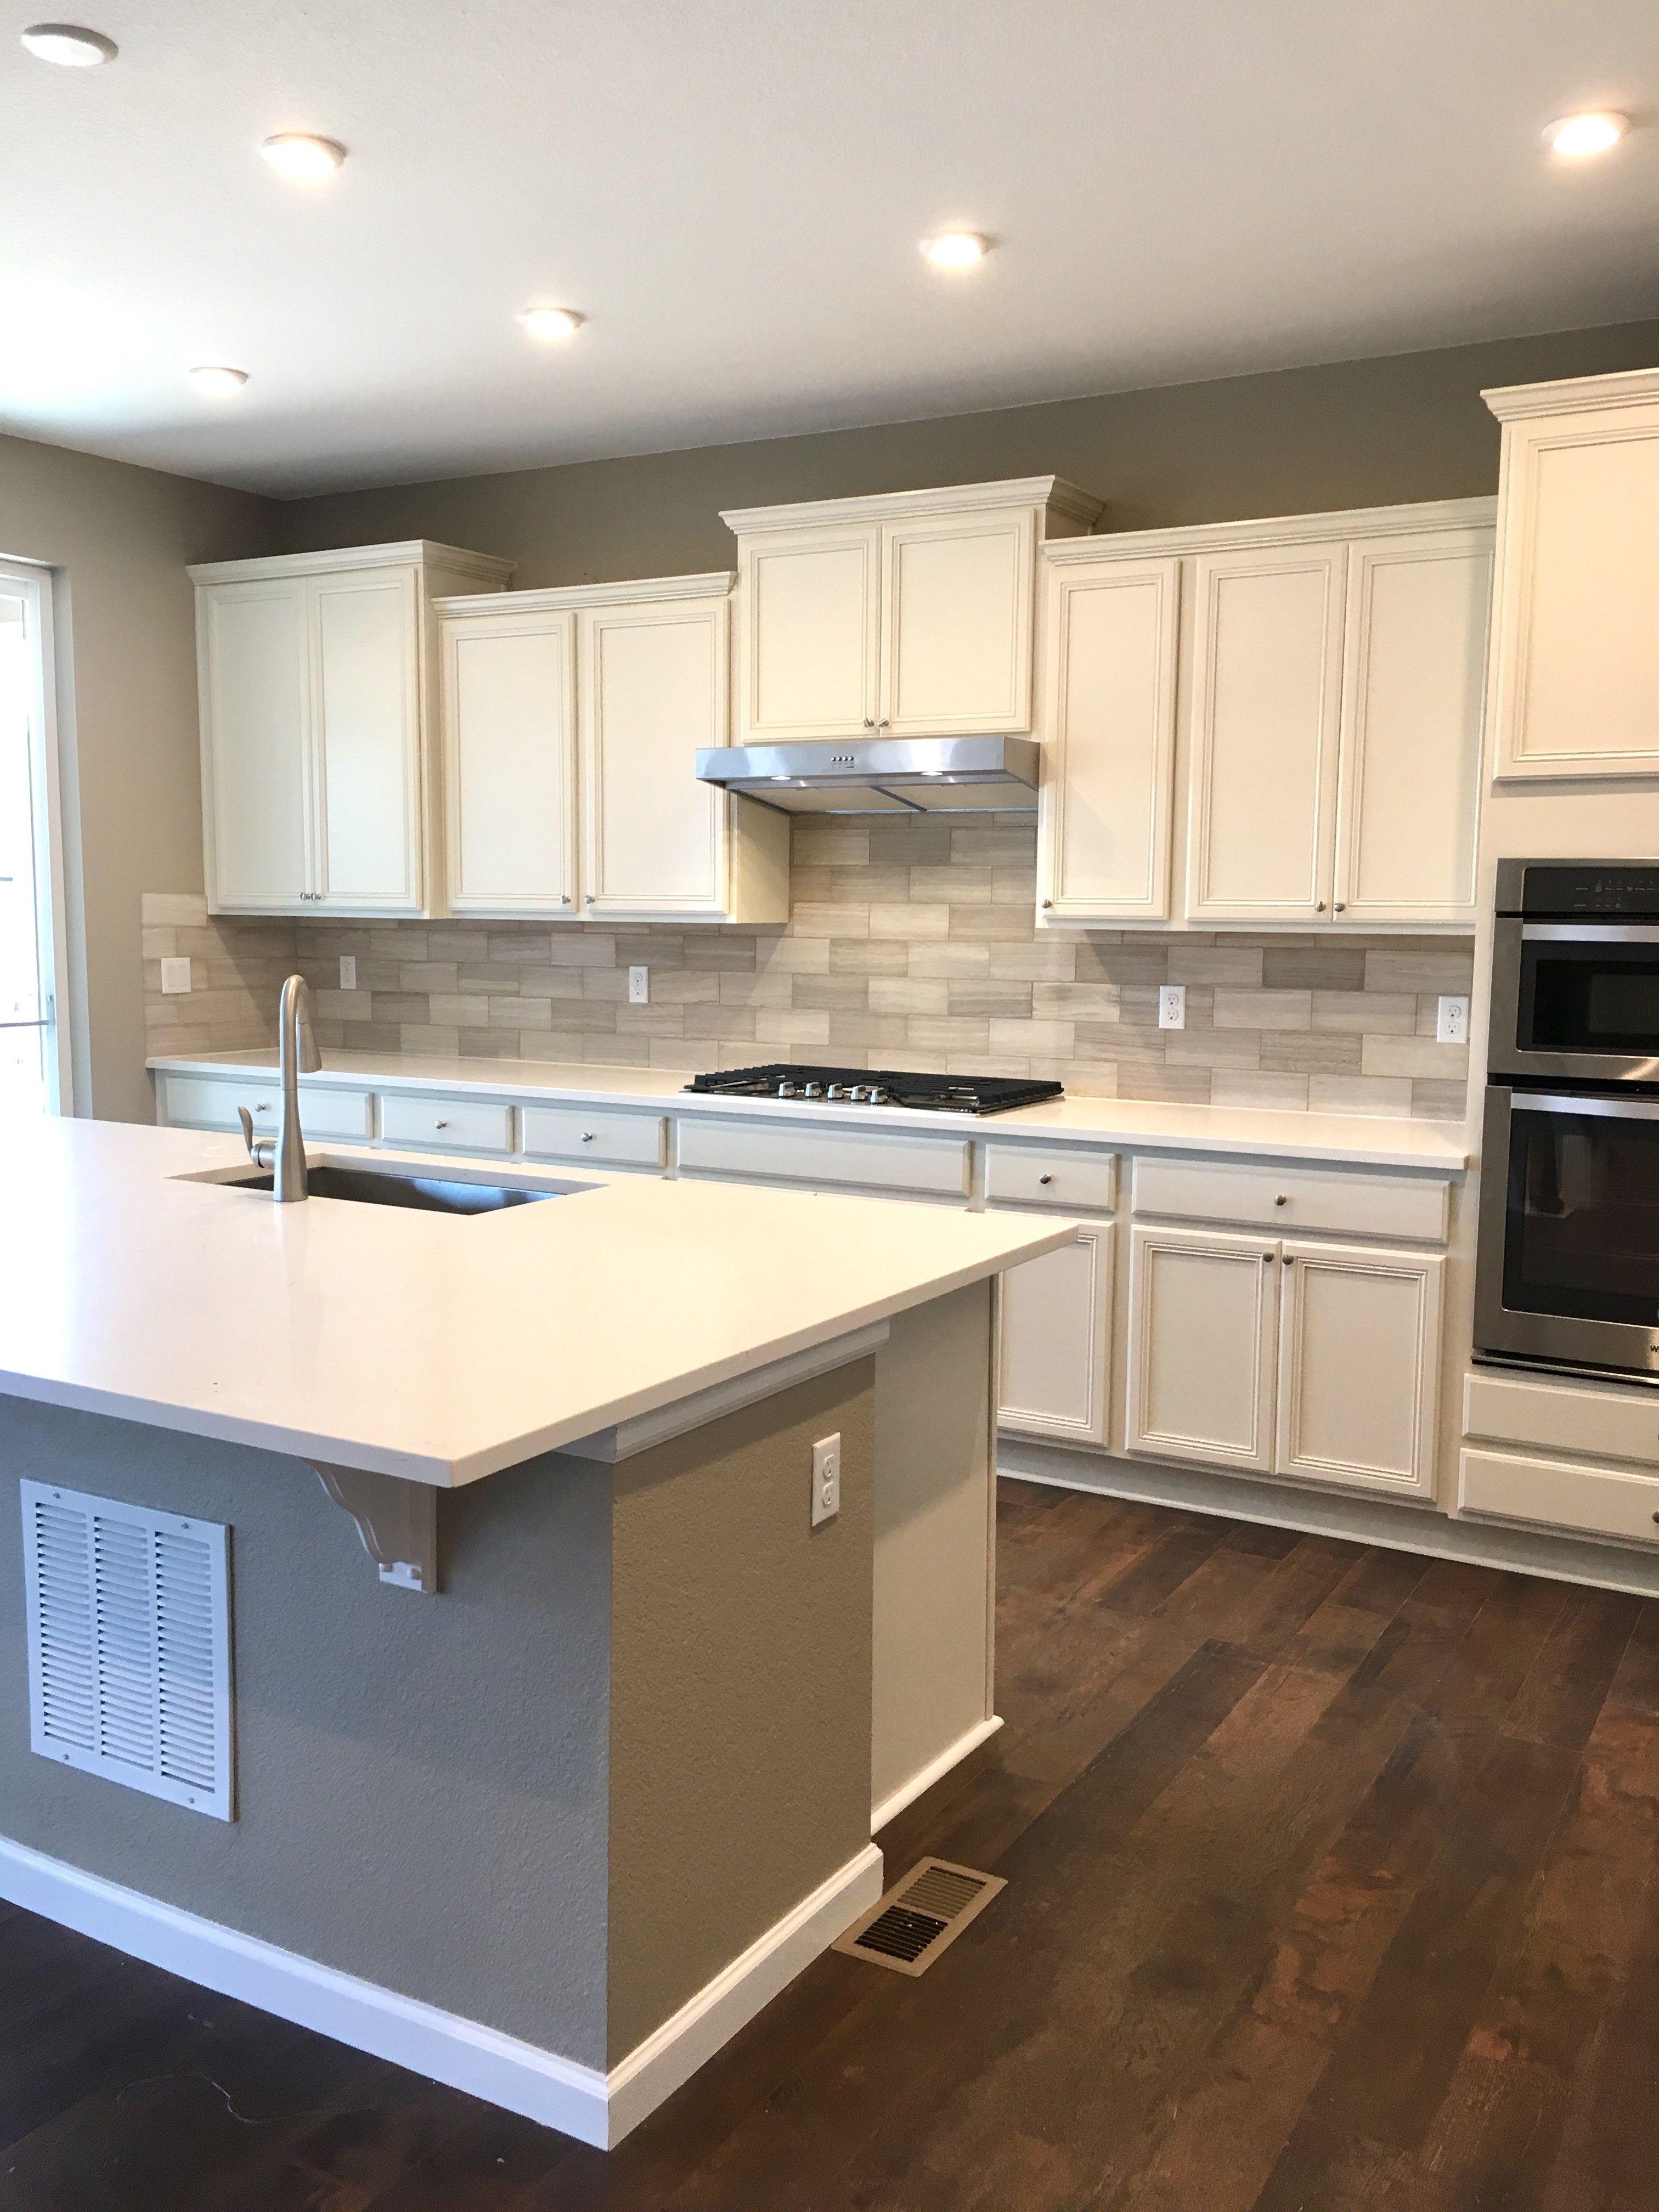 Merillat Glen Arbor Cotton Cabinets Laminate Floors White Quartz Countertops E Kitchen Cabinet Inspiration Laminate Flooring In Kitchen Kitchen Inspirations